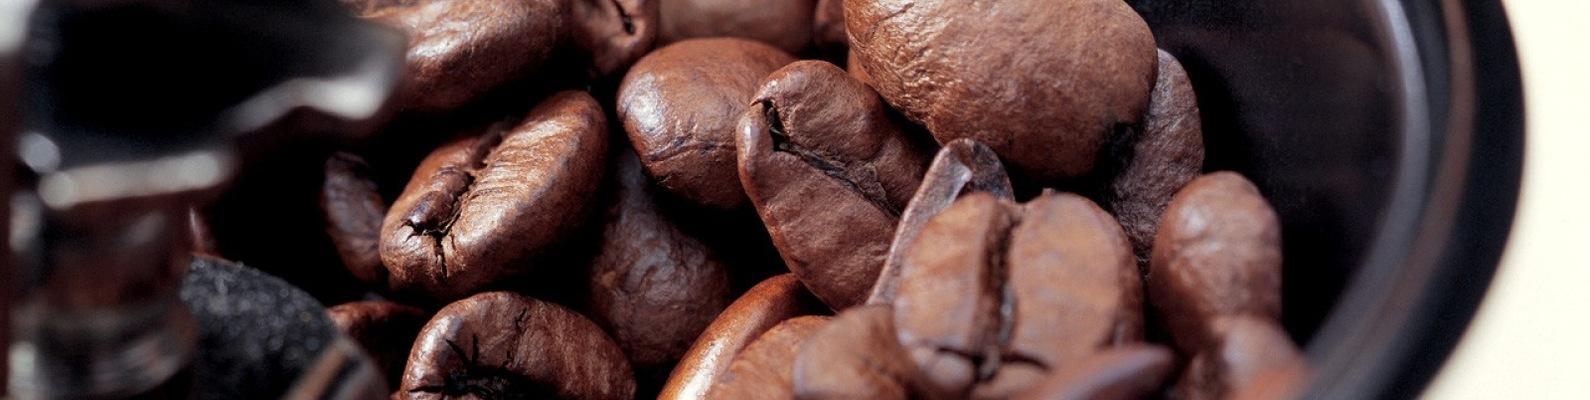 Кофе в зернах 1 кг купить veronese arabica brazils